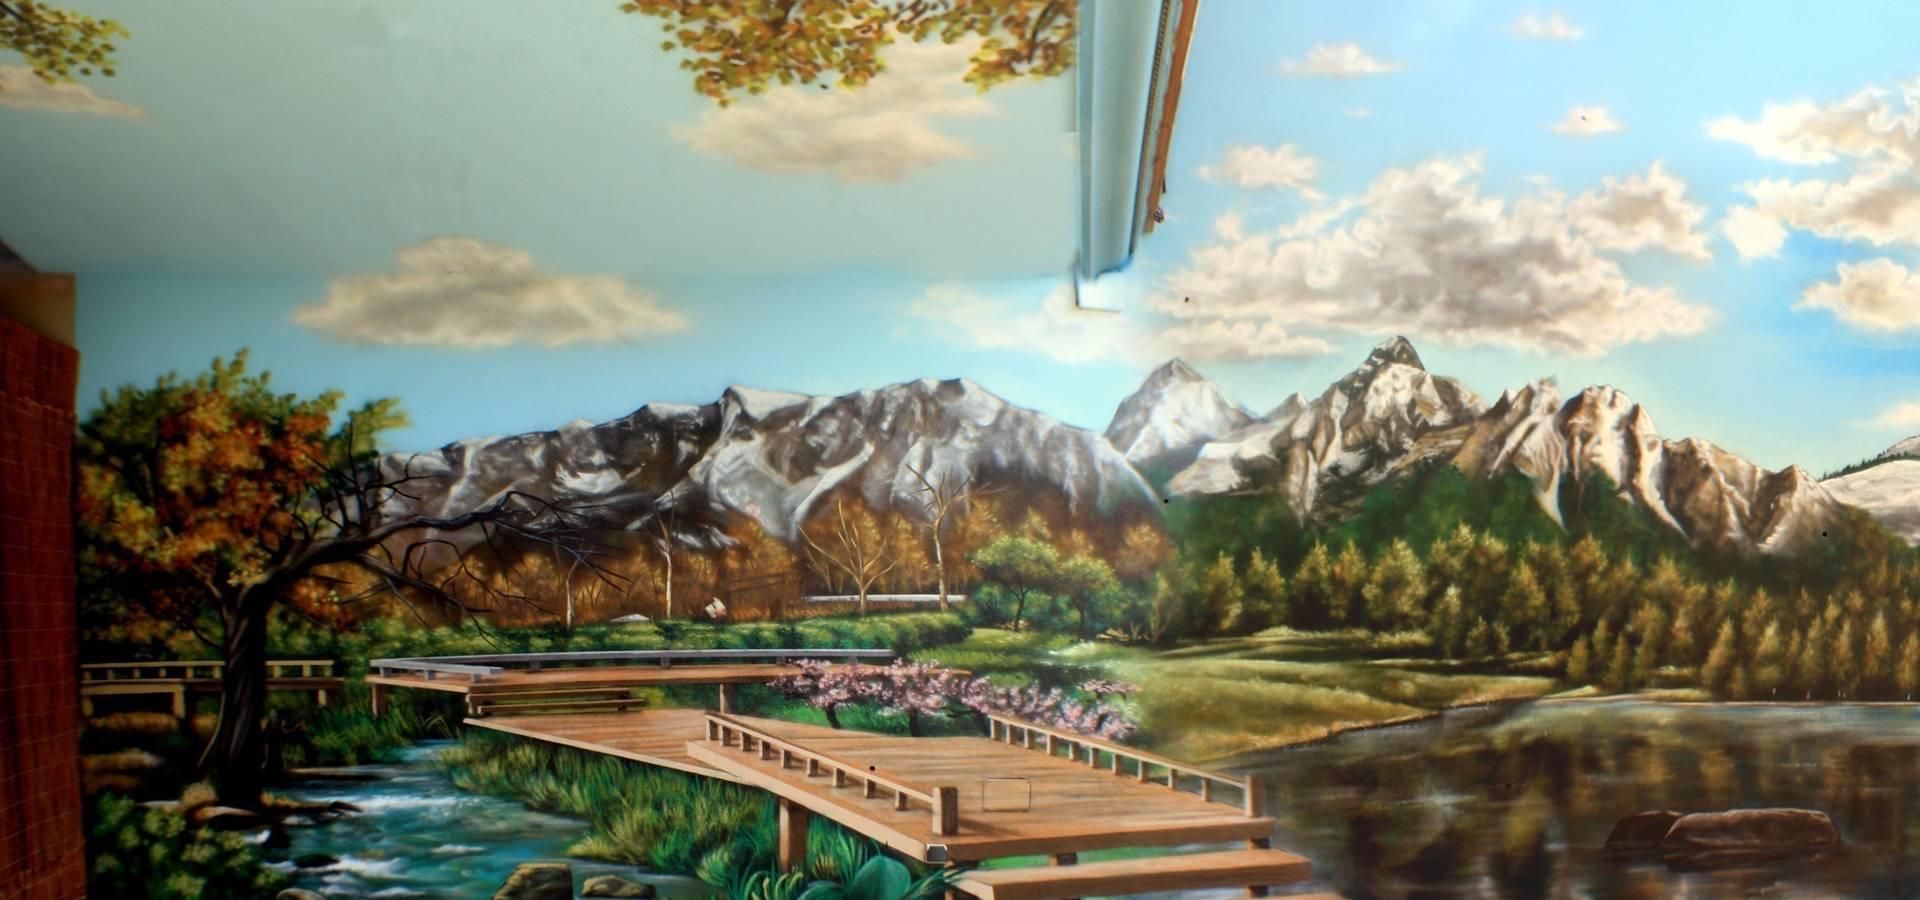 Patios interiores by pintura mural barcelona homify - Pintura mural barcelona ...